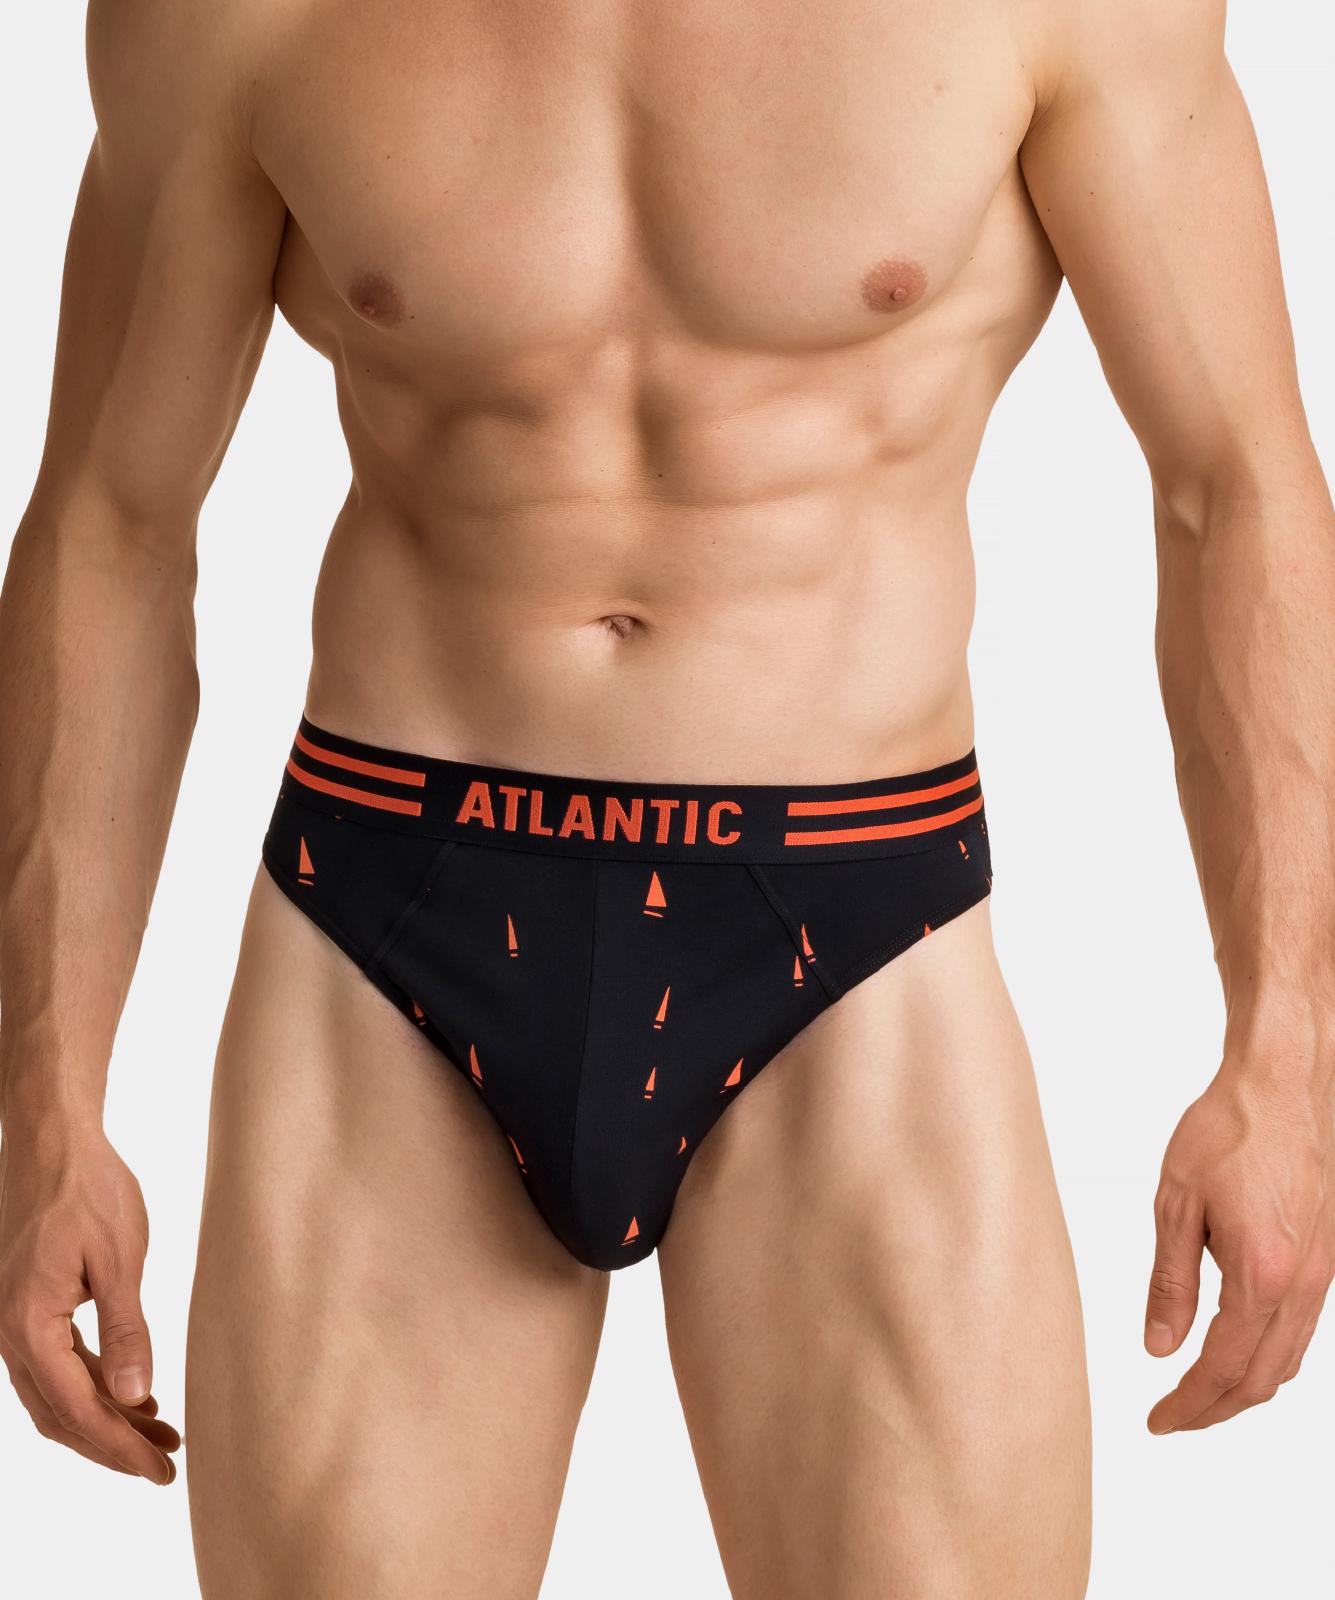 Мужские трусы слипы спорт Atlantic, набор 3 шт., хлопок, черные, 3MP-098